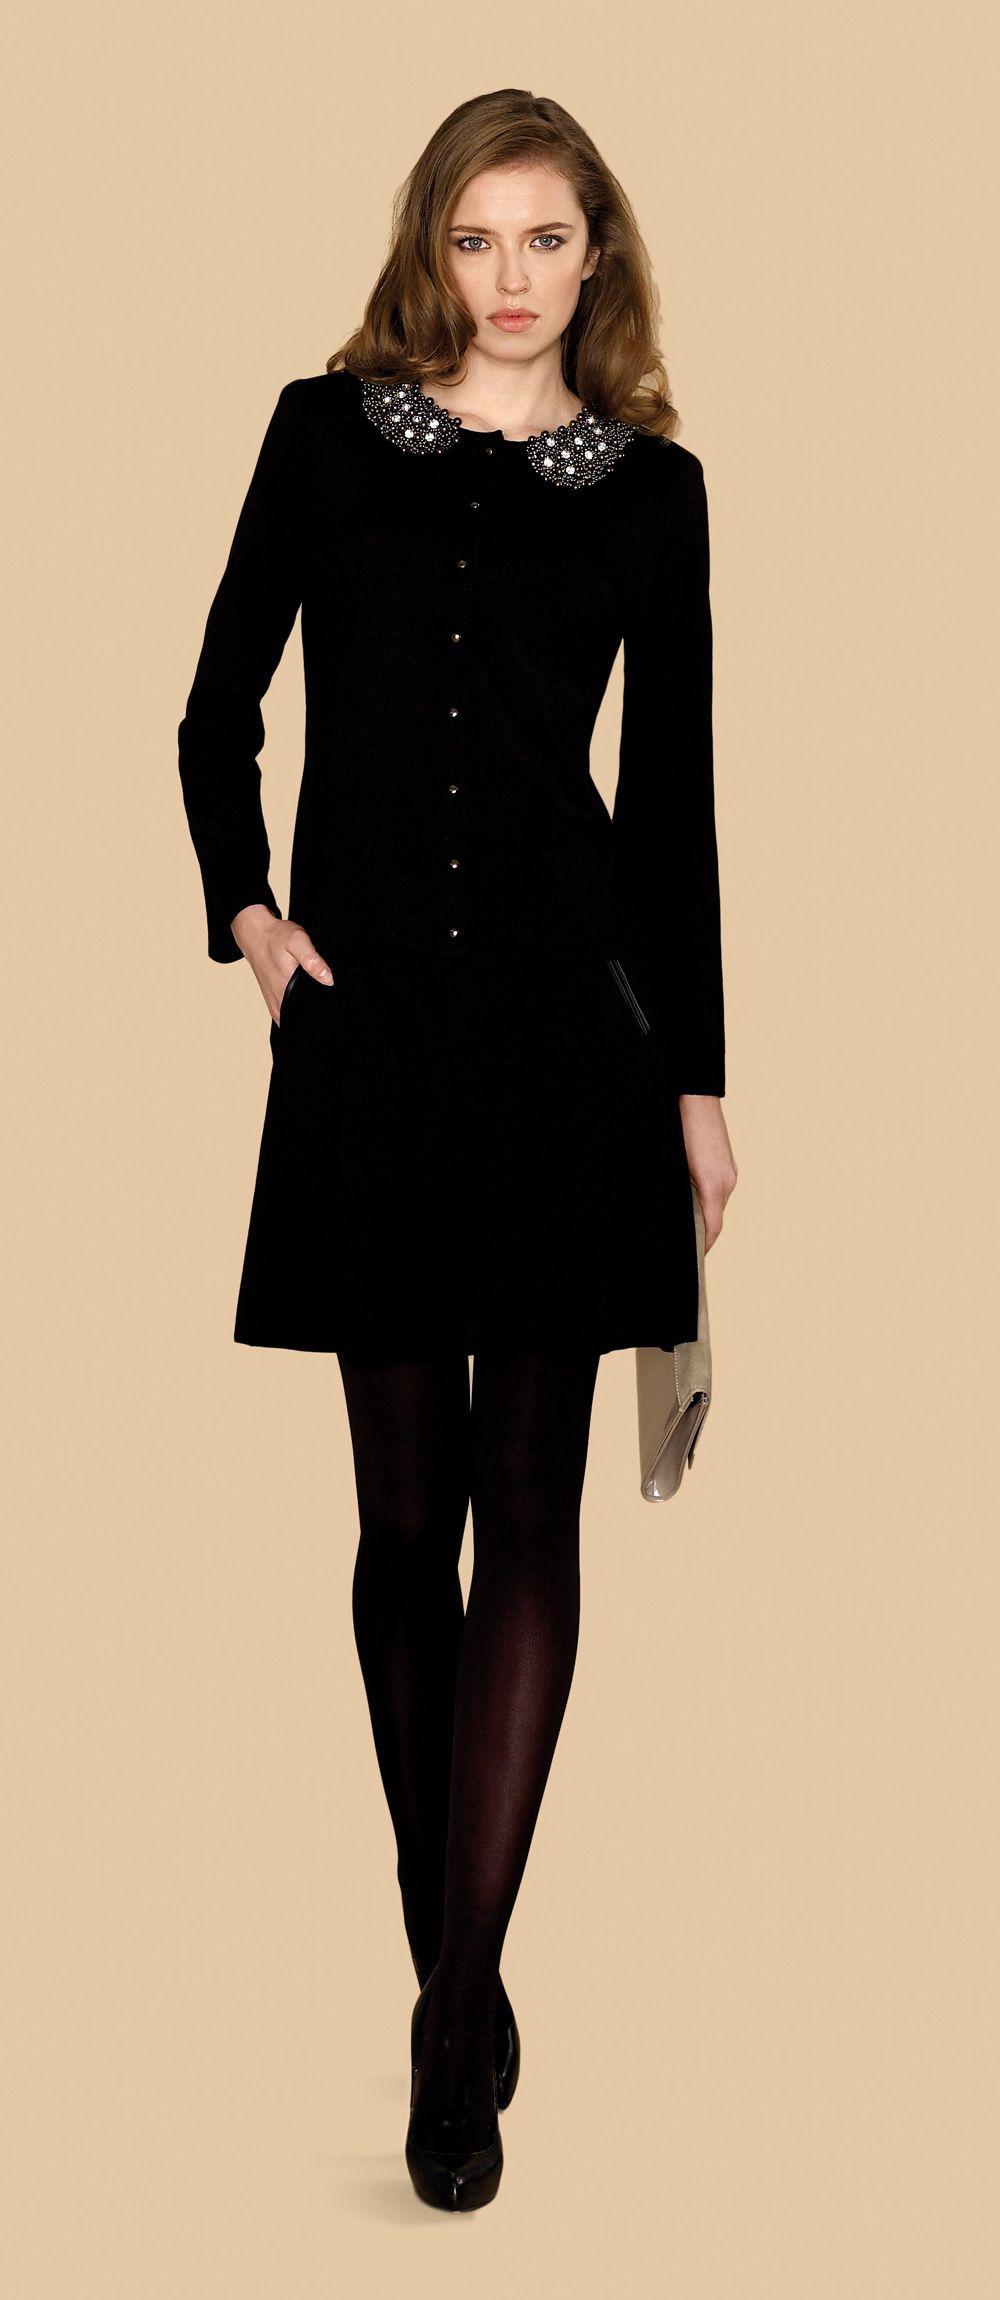 4e1797c2ae9b Vestido de manga larga negro con cuello bebe #trend #fall #winter ...